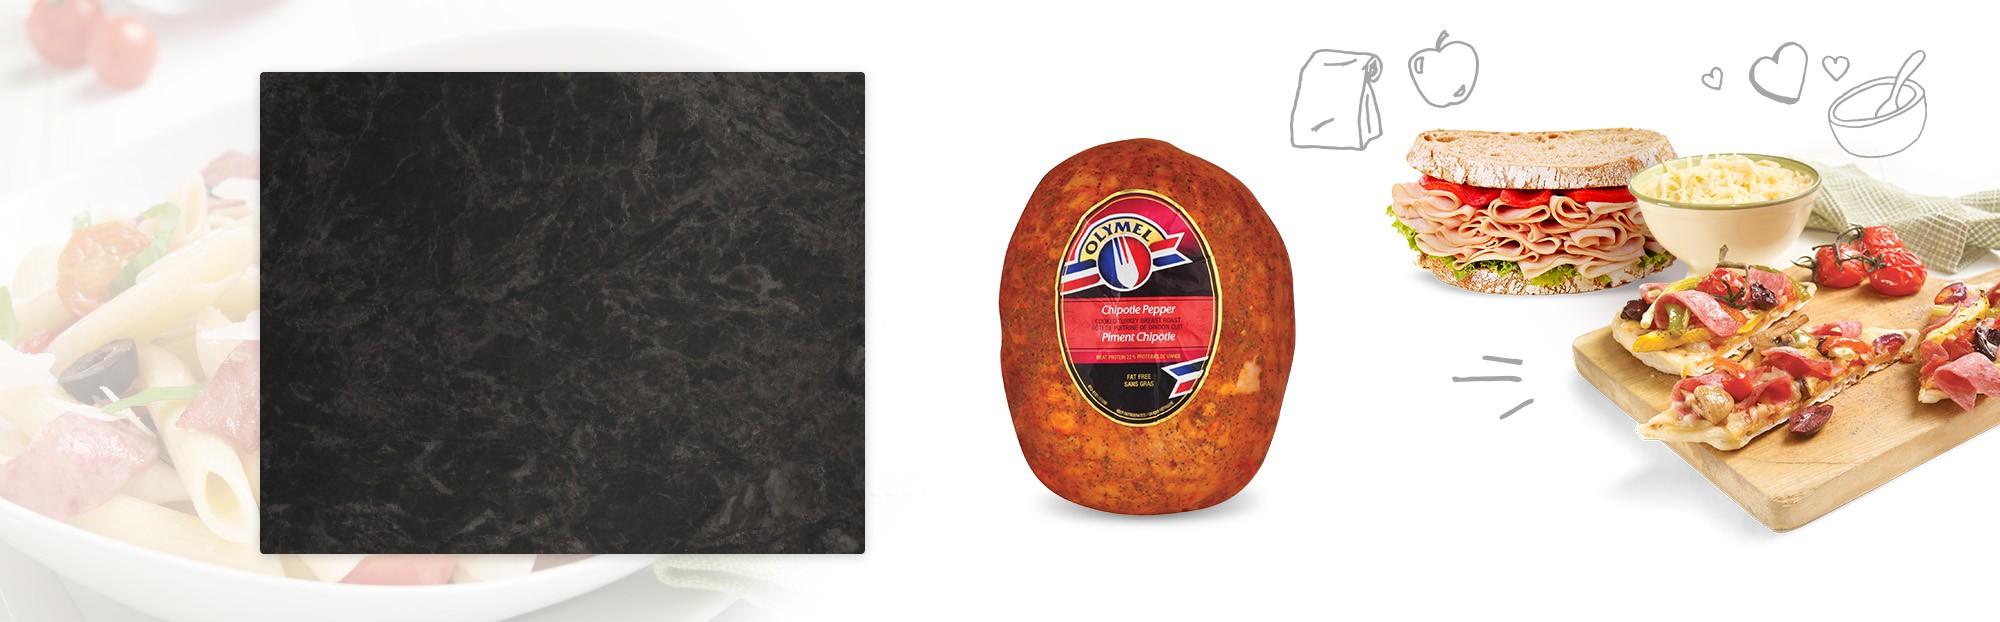 Rôti de poitrine de dindon cuit piment chipotle